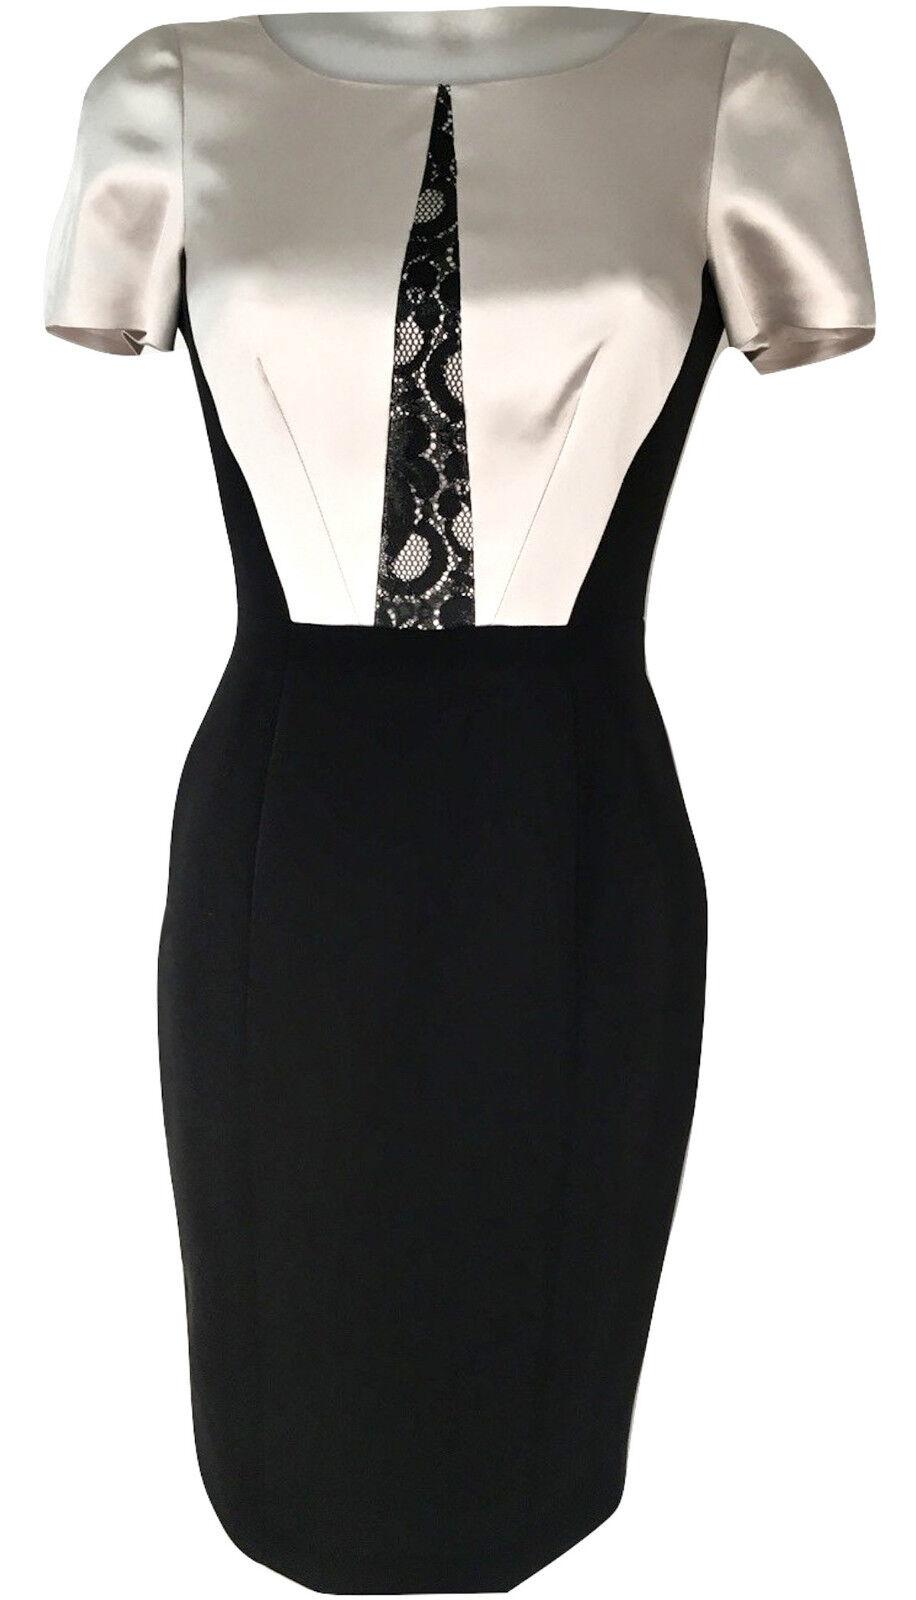 NEU KAREN MILLEN Streifen aus Spitze Kleid schwarz beige geschneiderte Stift